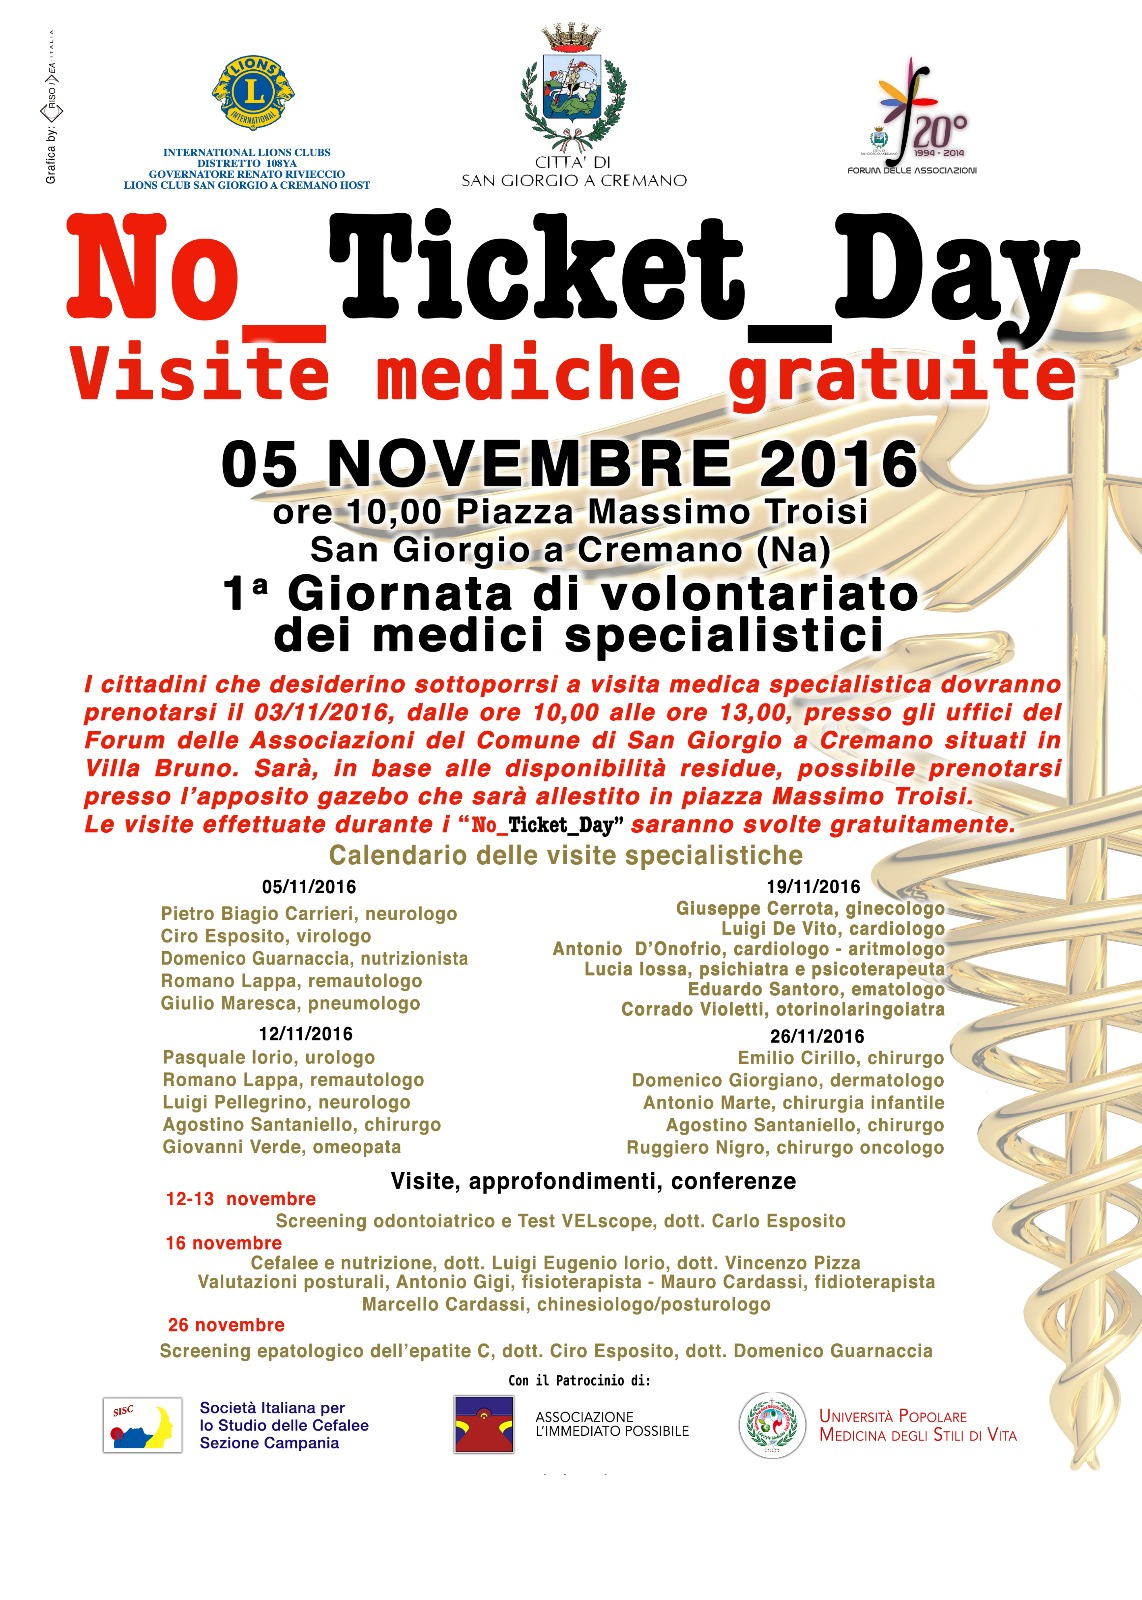 No Ticket Day. Visite mediche specialistiche gratuite dal 5 al 26 novembre